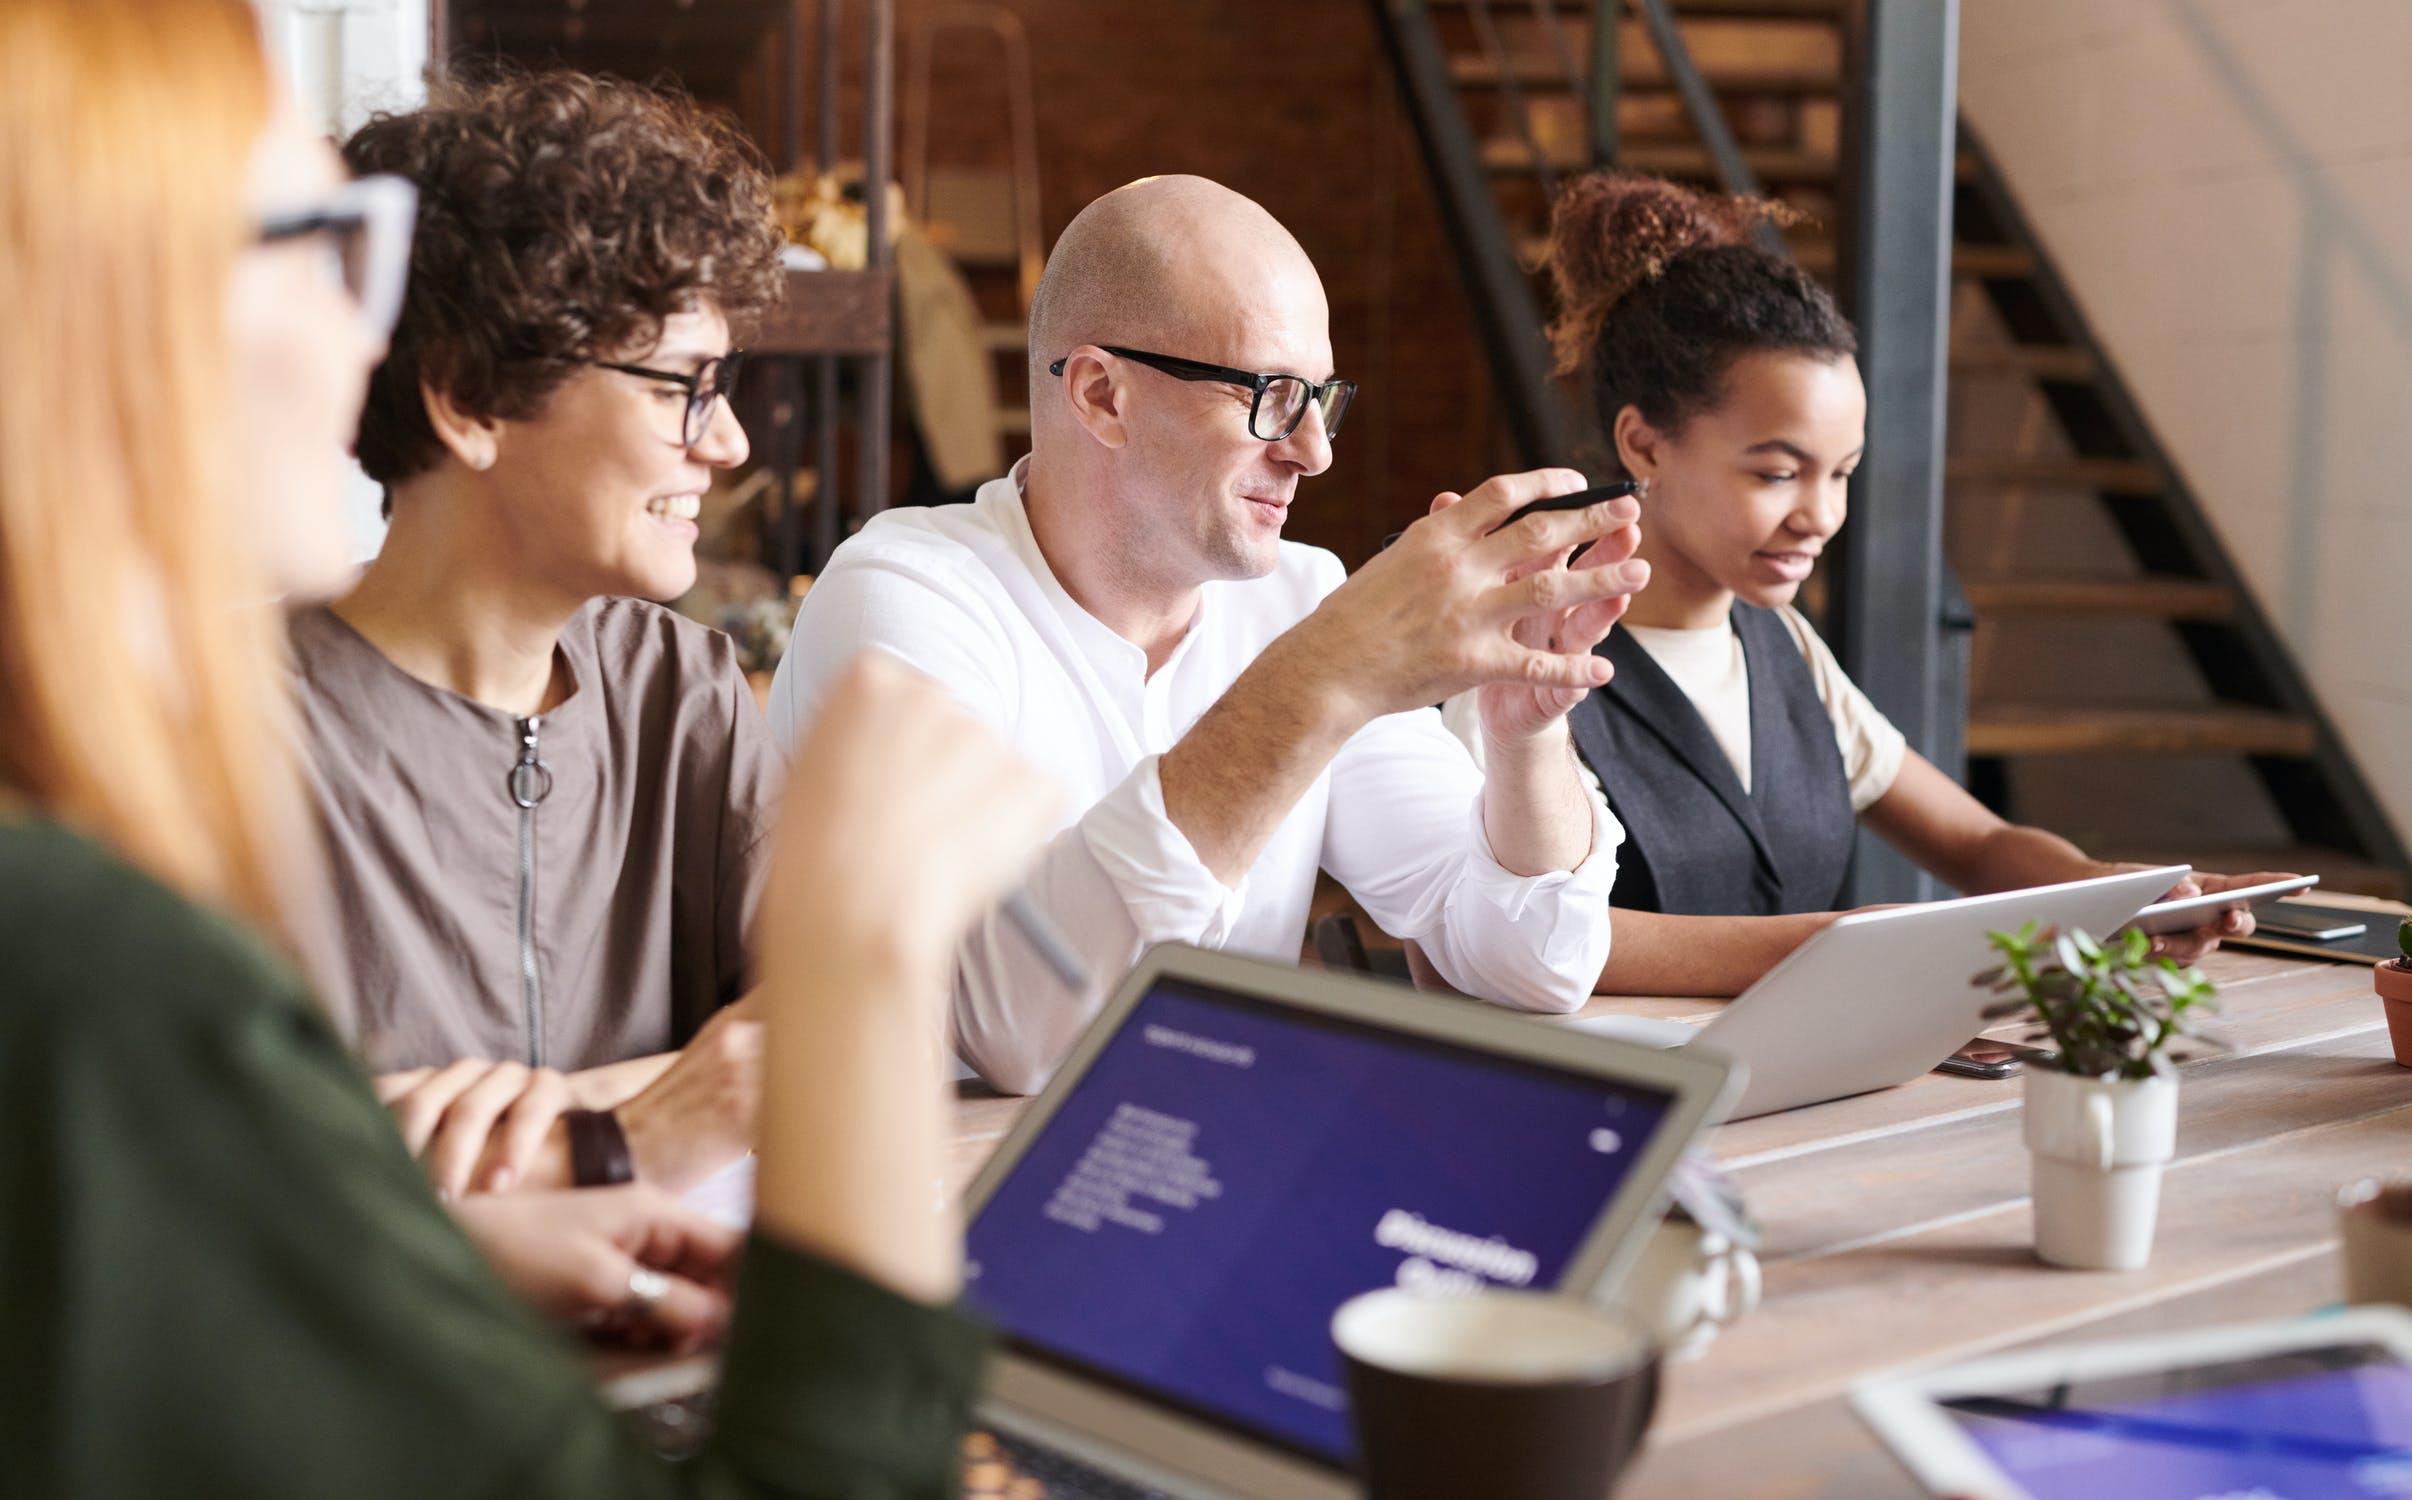 De meest kosteneffectieve marketing & sales kanalen voor het MKB in 2021